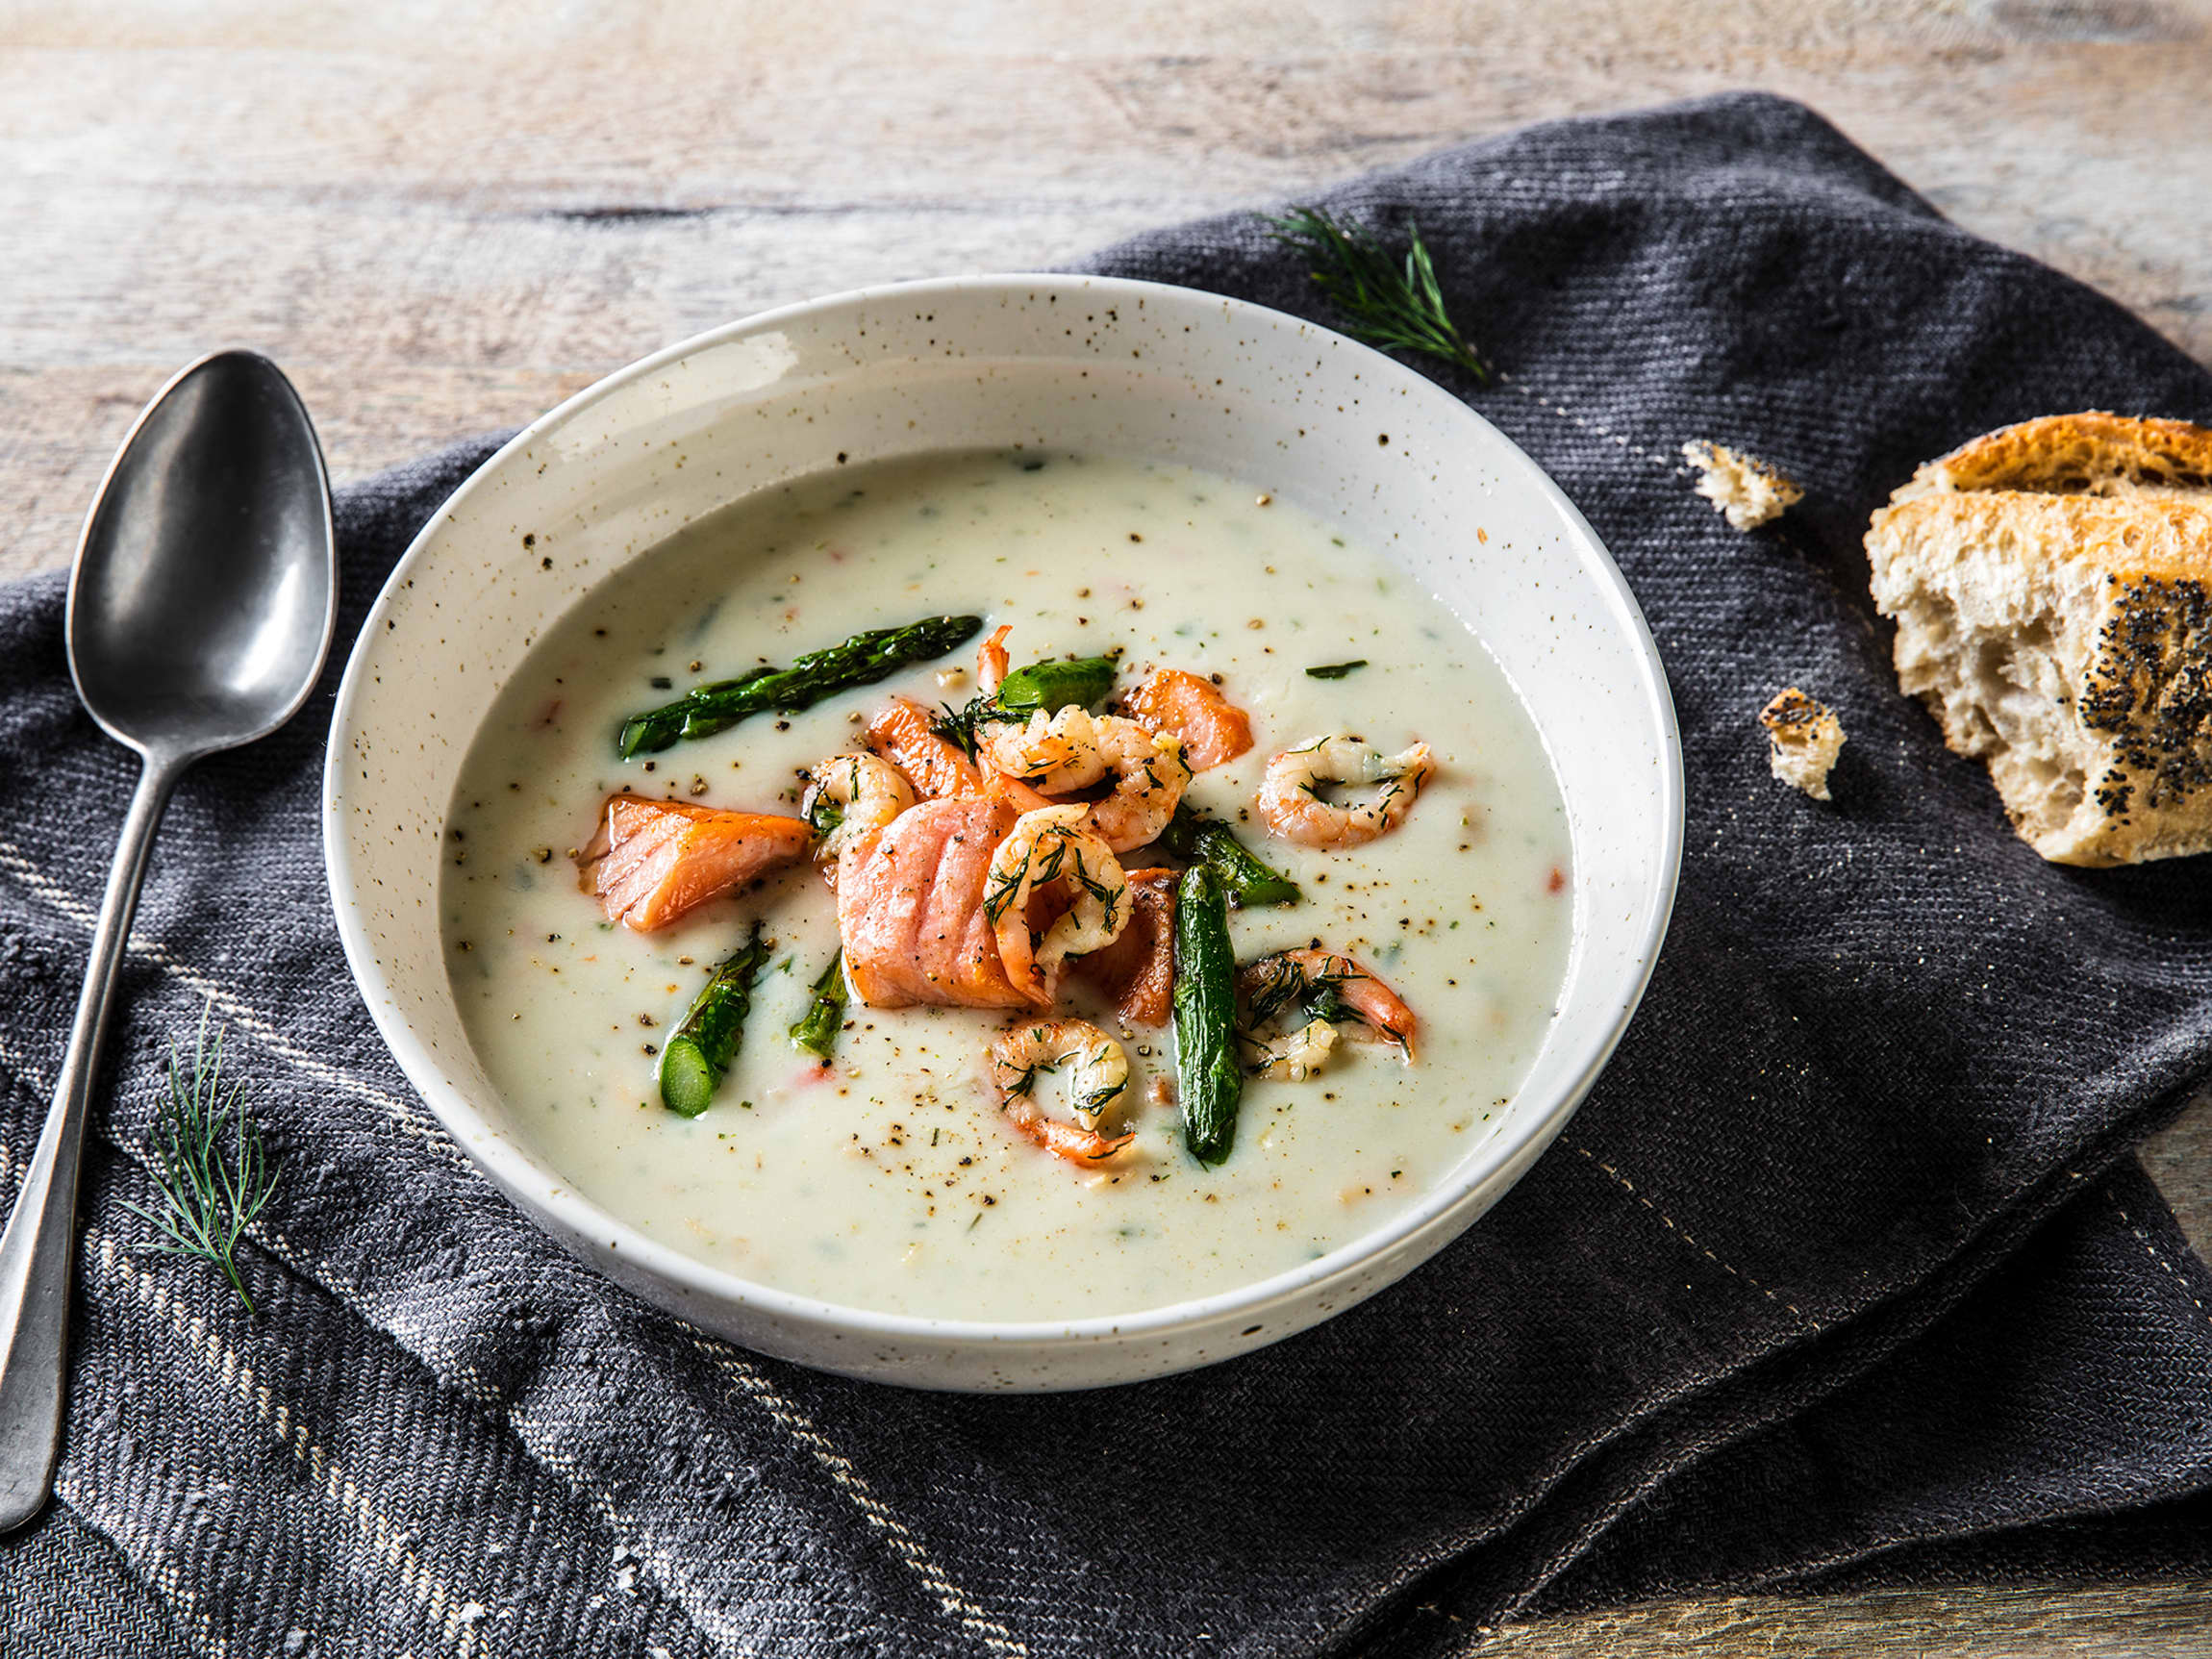 Bruk reker i fiskesuppen! Husk å ikke la de koke med suppen, men ha de i like før servering slik at de kun trekker i noen minutter. Koker de med suppen blir de fort seige og tørre.